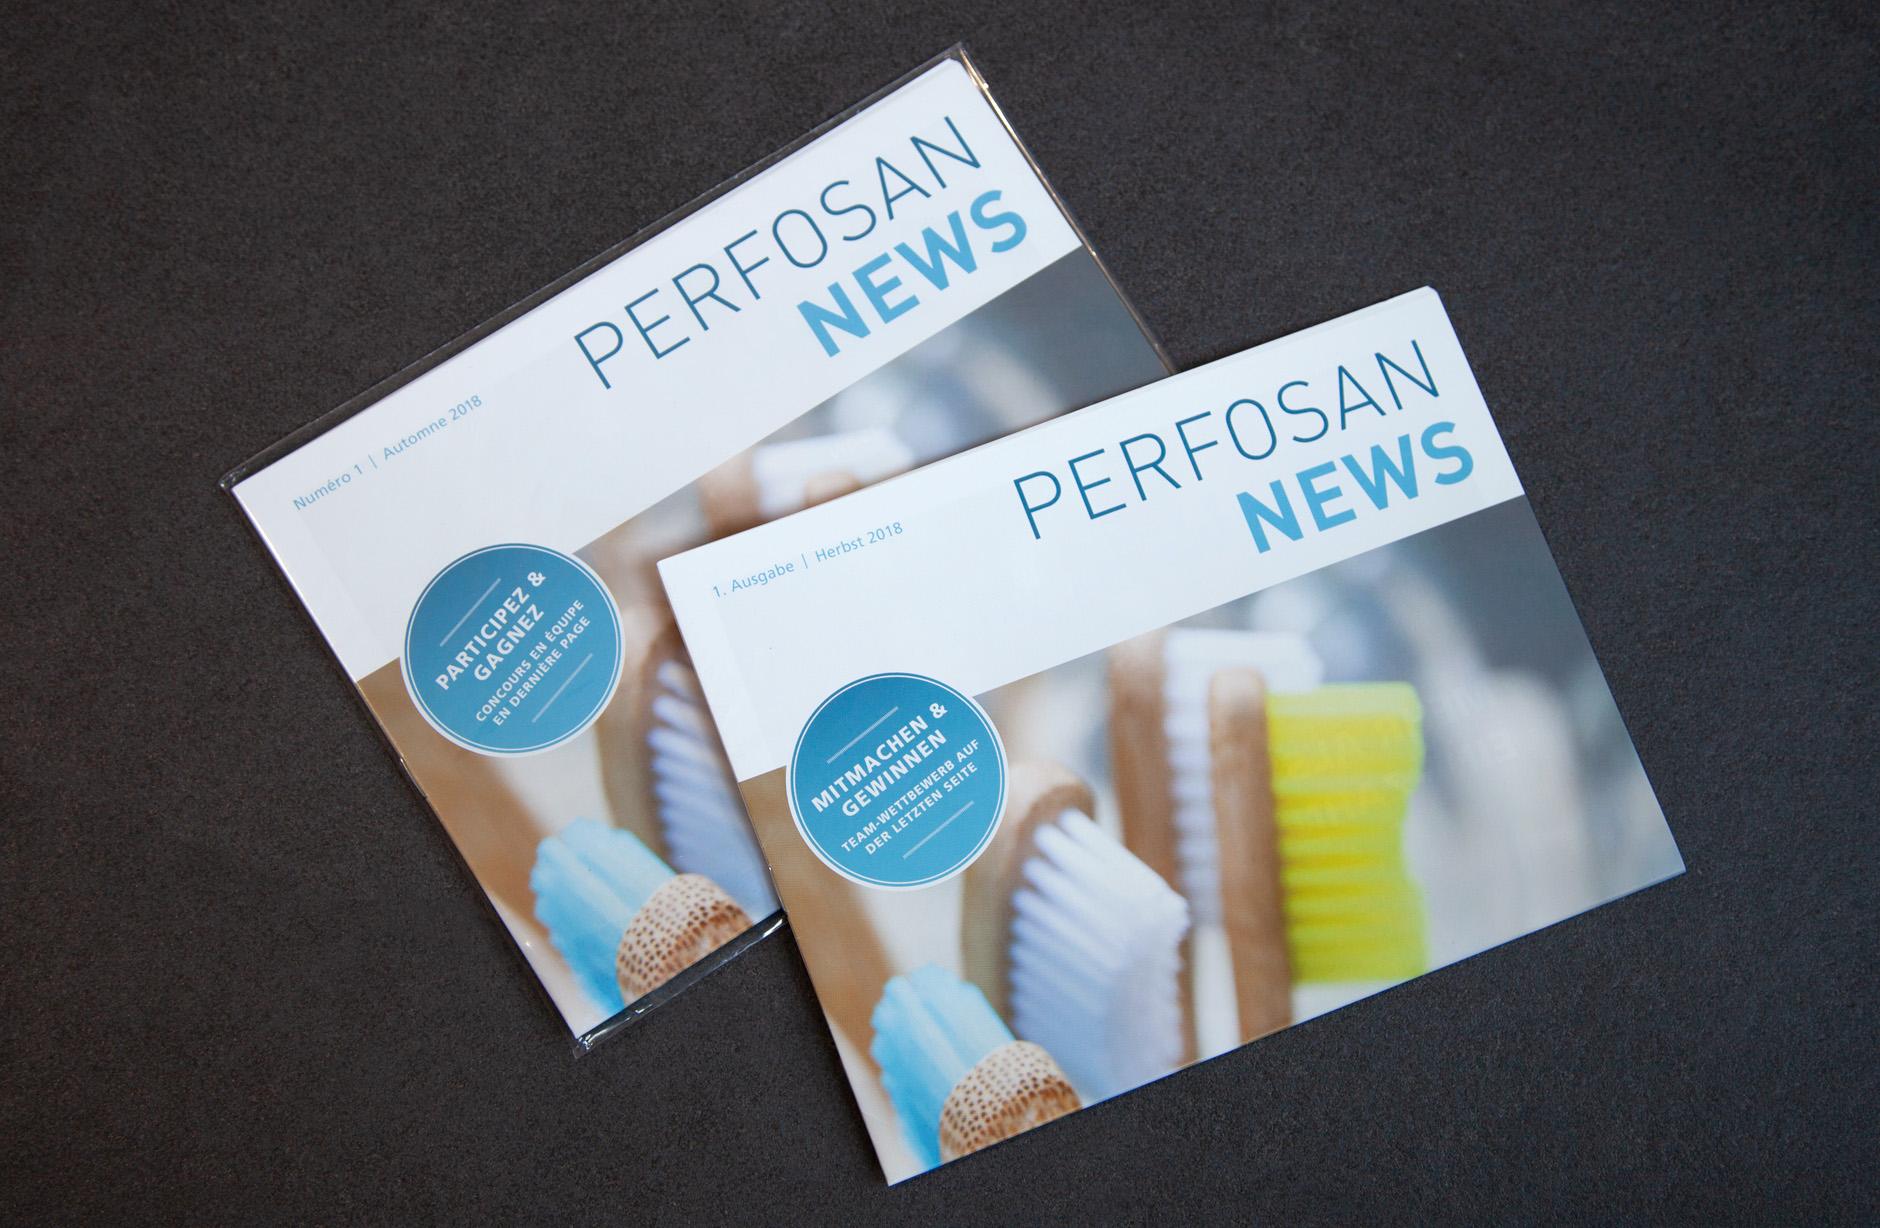 Perfosan Info – Newsign Grafik